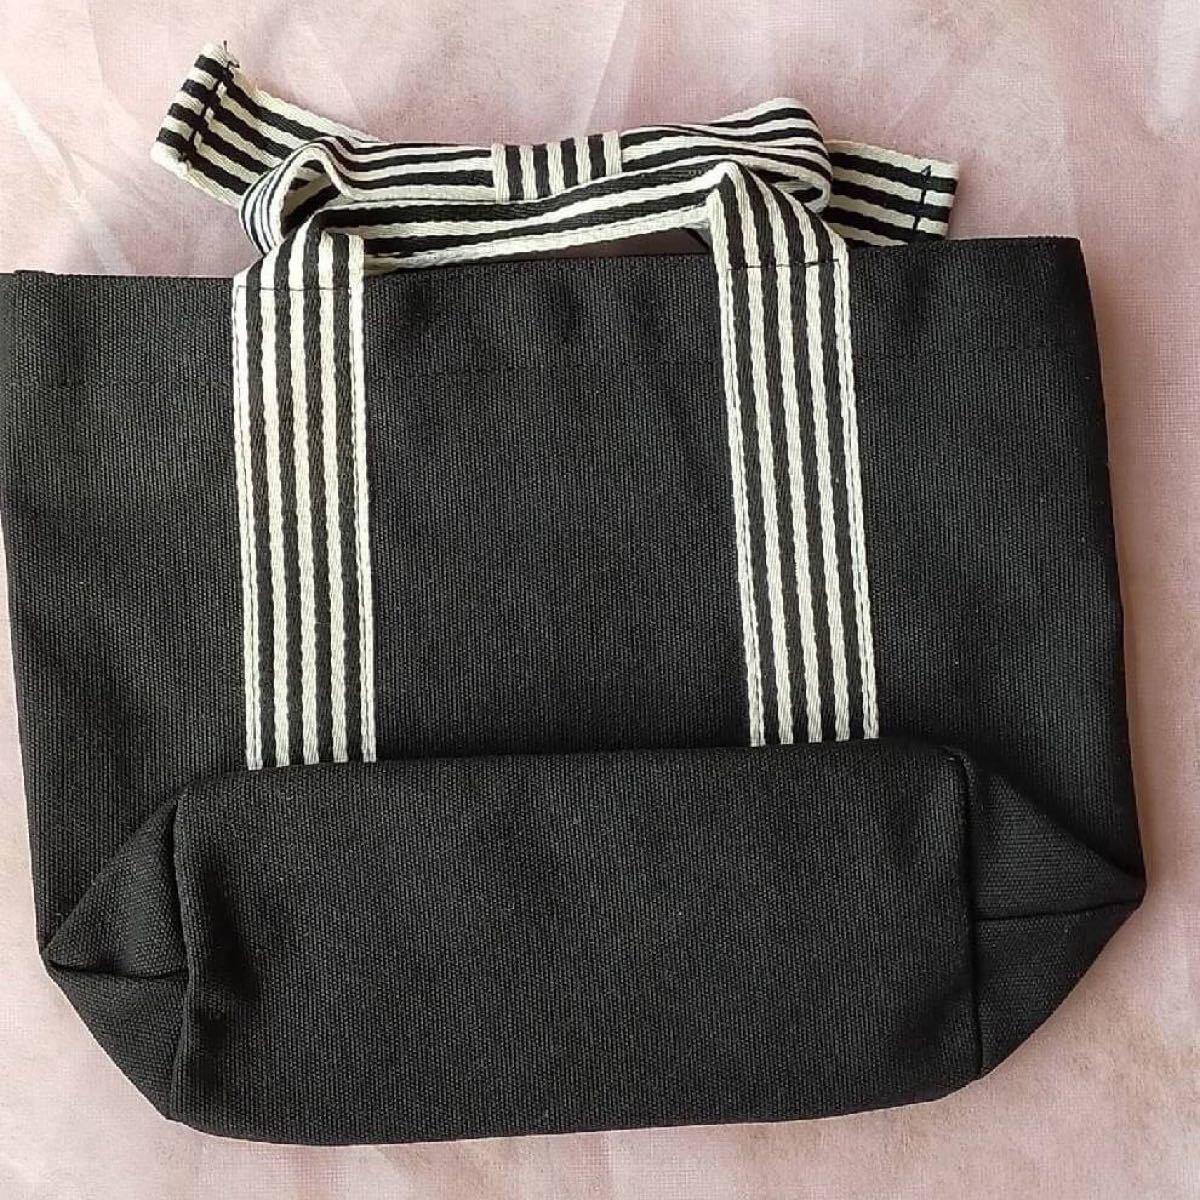 トートバッグ リボン ブラック 黒 ミニトート ランチバッグ キャンバス ボーダー